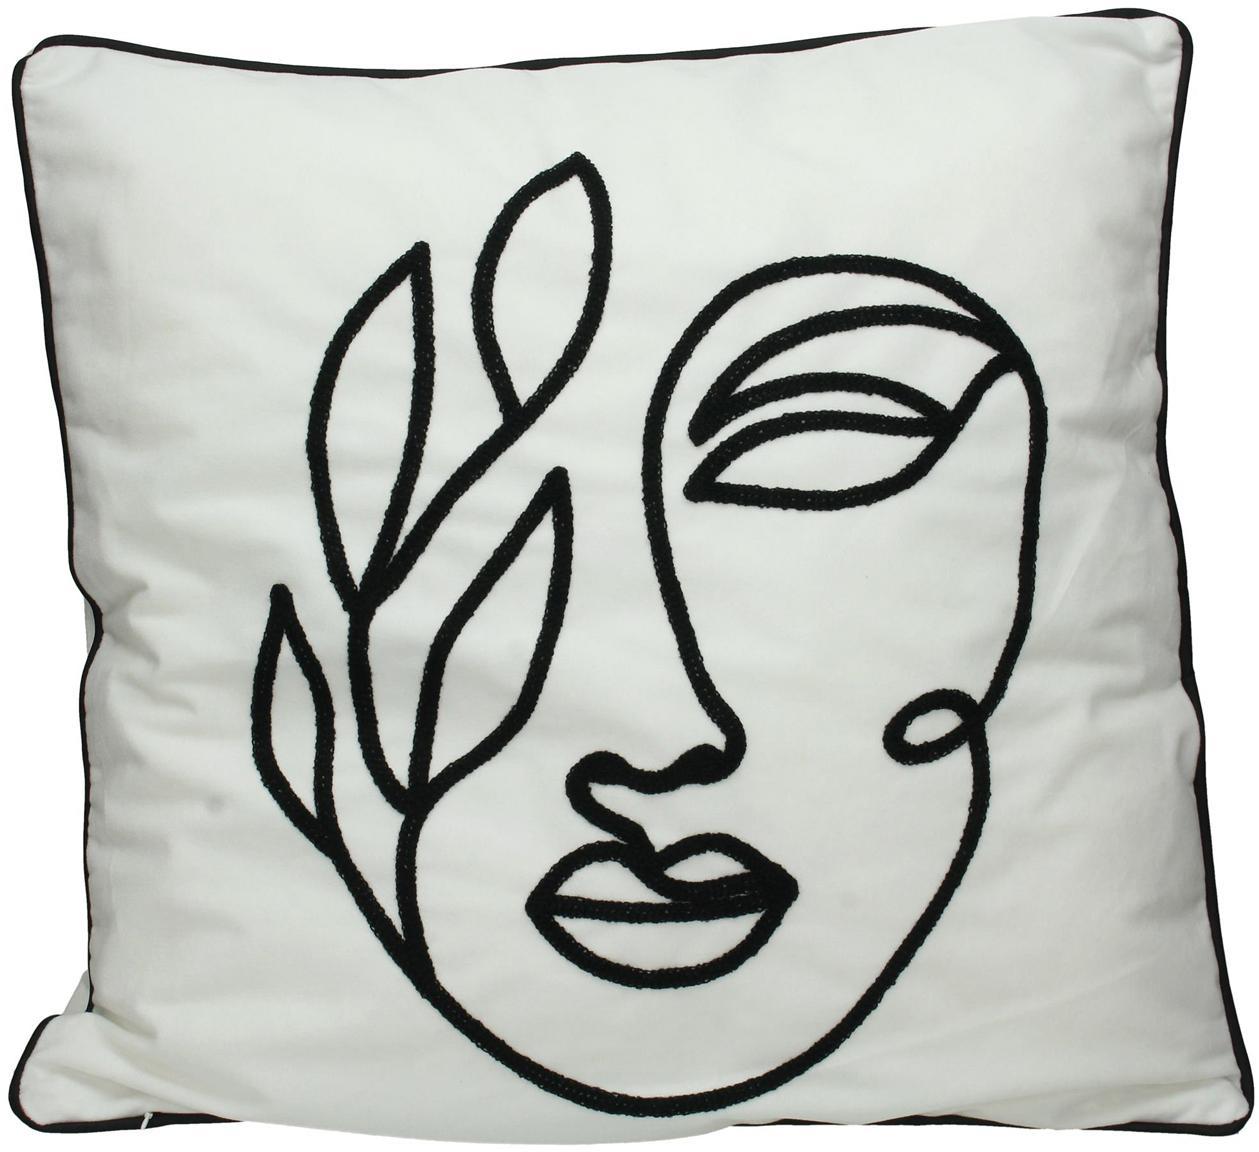 Cuscino in velluto con imbottitura Face, Velluto di poliestere, Bianco, nero, Larg. 50 x Lung. 50 cm